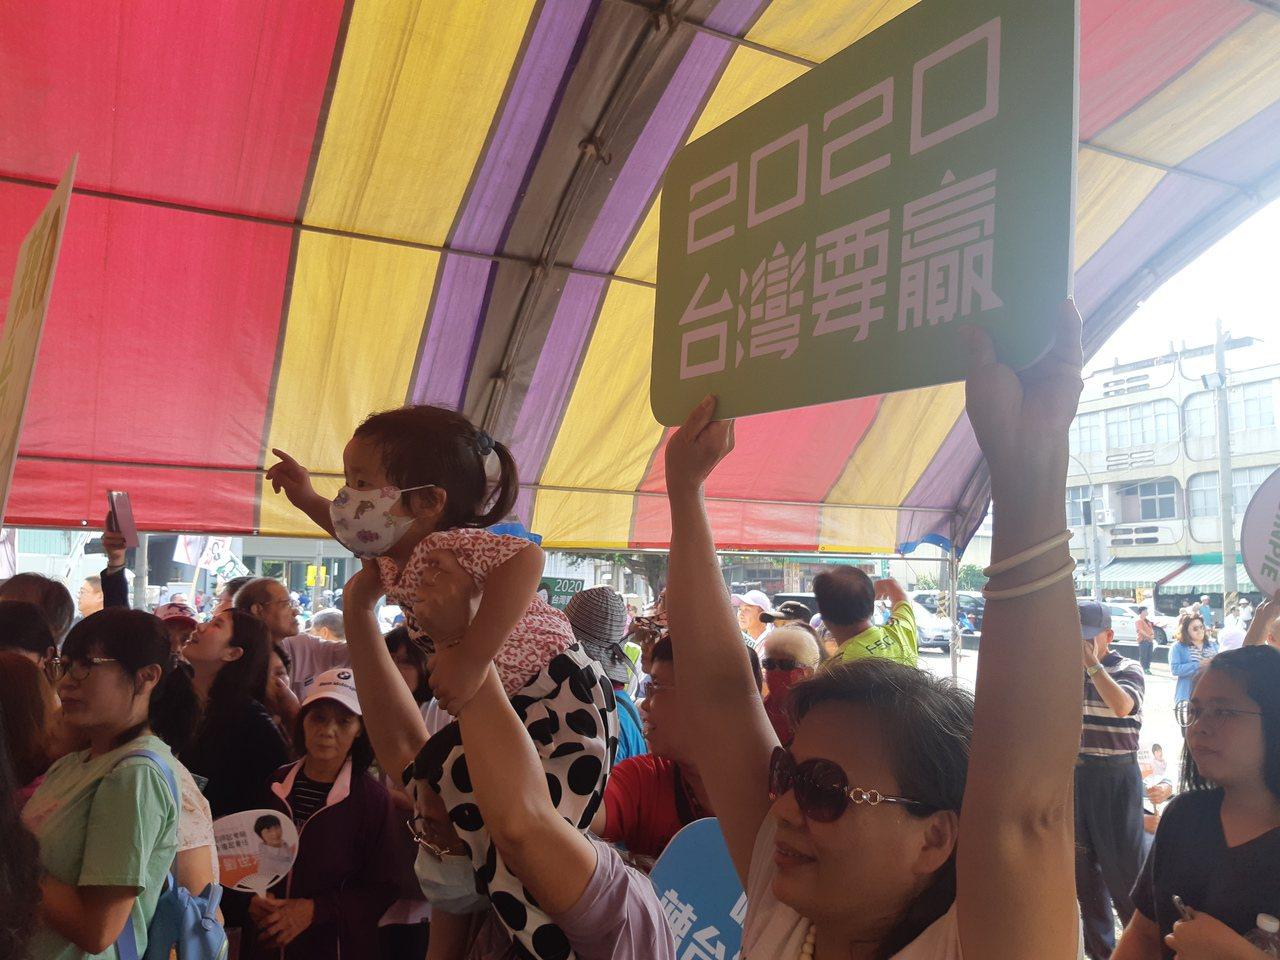 蔡英文總統今下午到楠梓鳳屏宮參拜,被大批支持者簇擁。記者賴郁薇/攝影